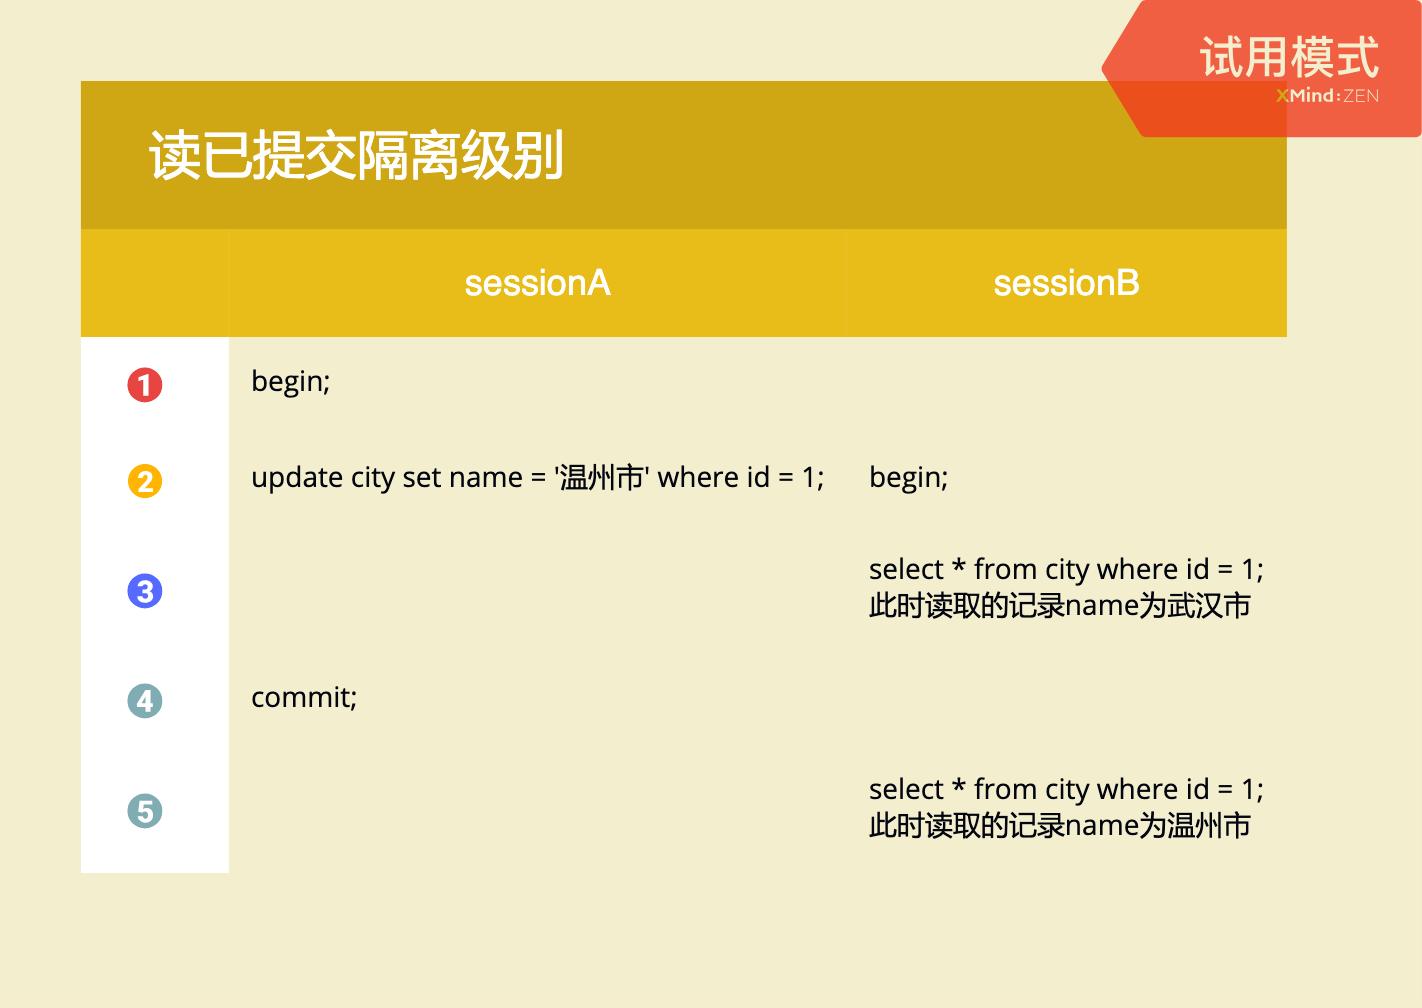 彻底搞懂 MySQL 事务的隔离级别